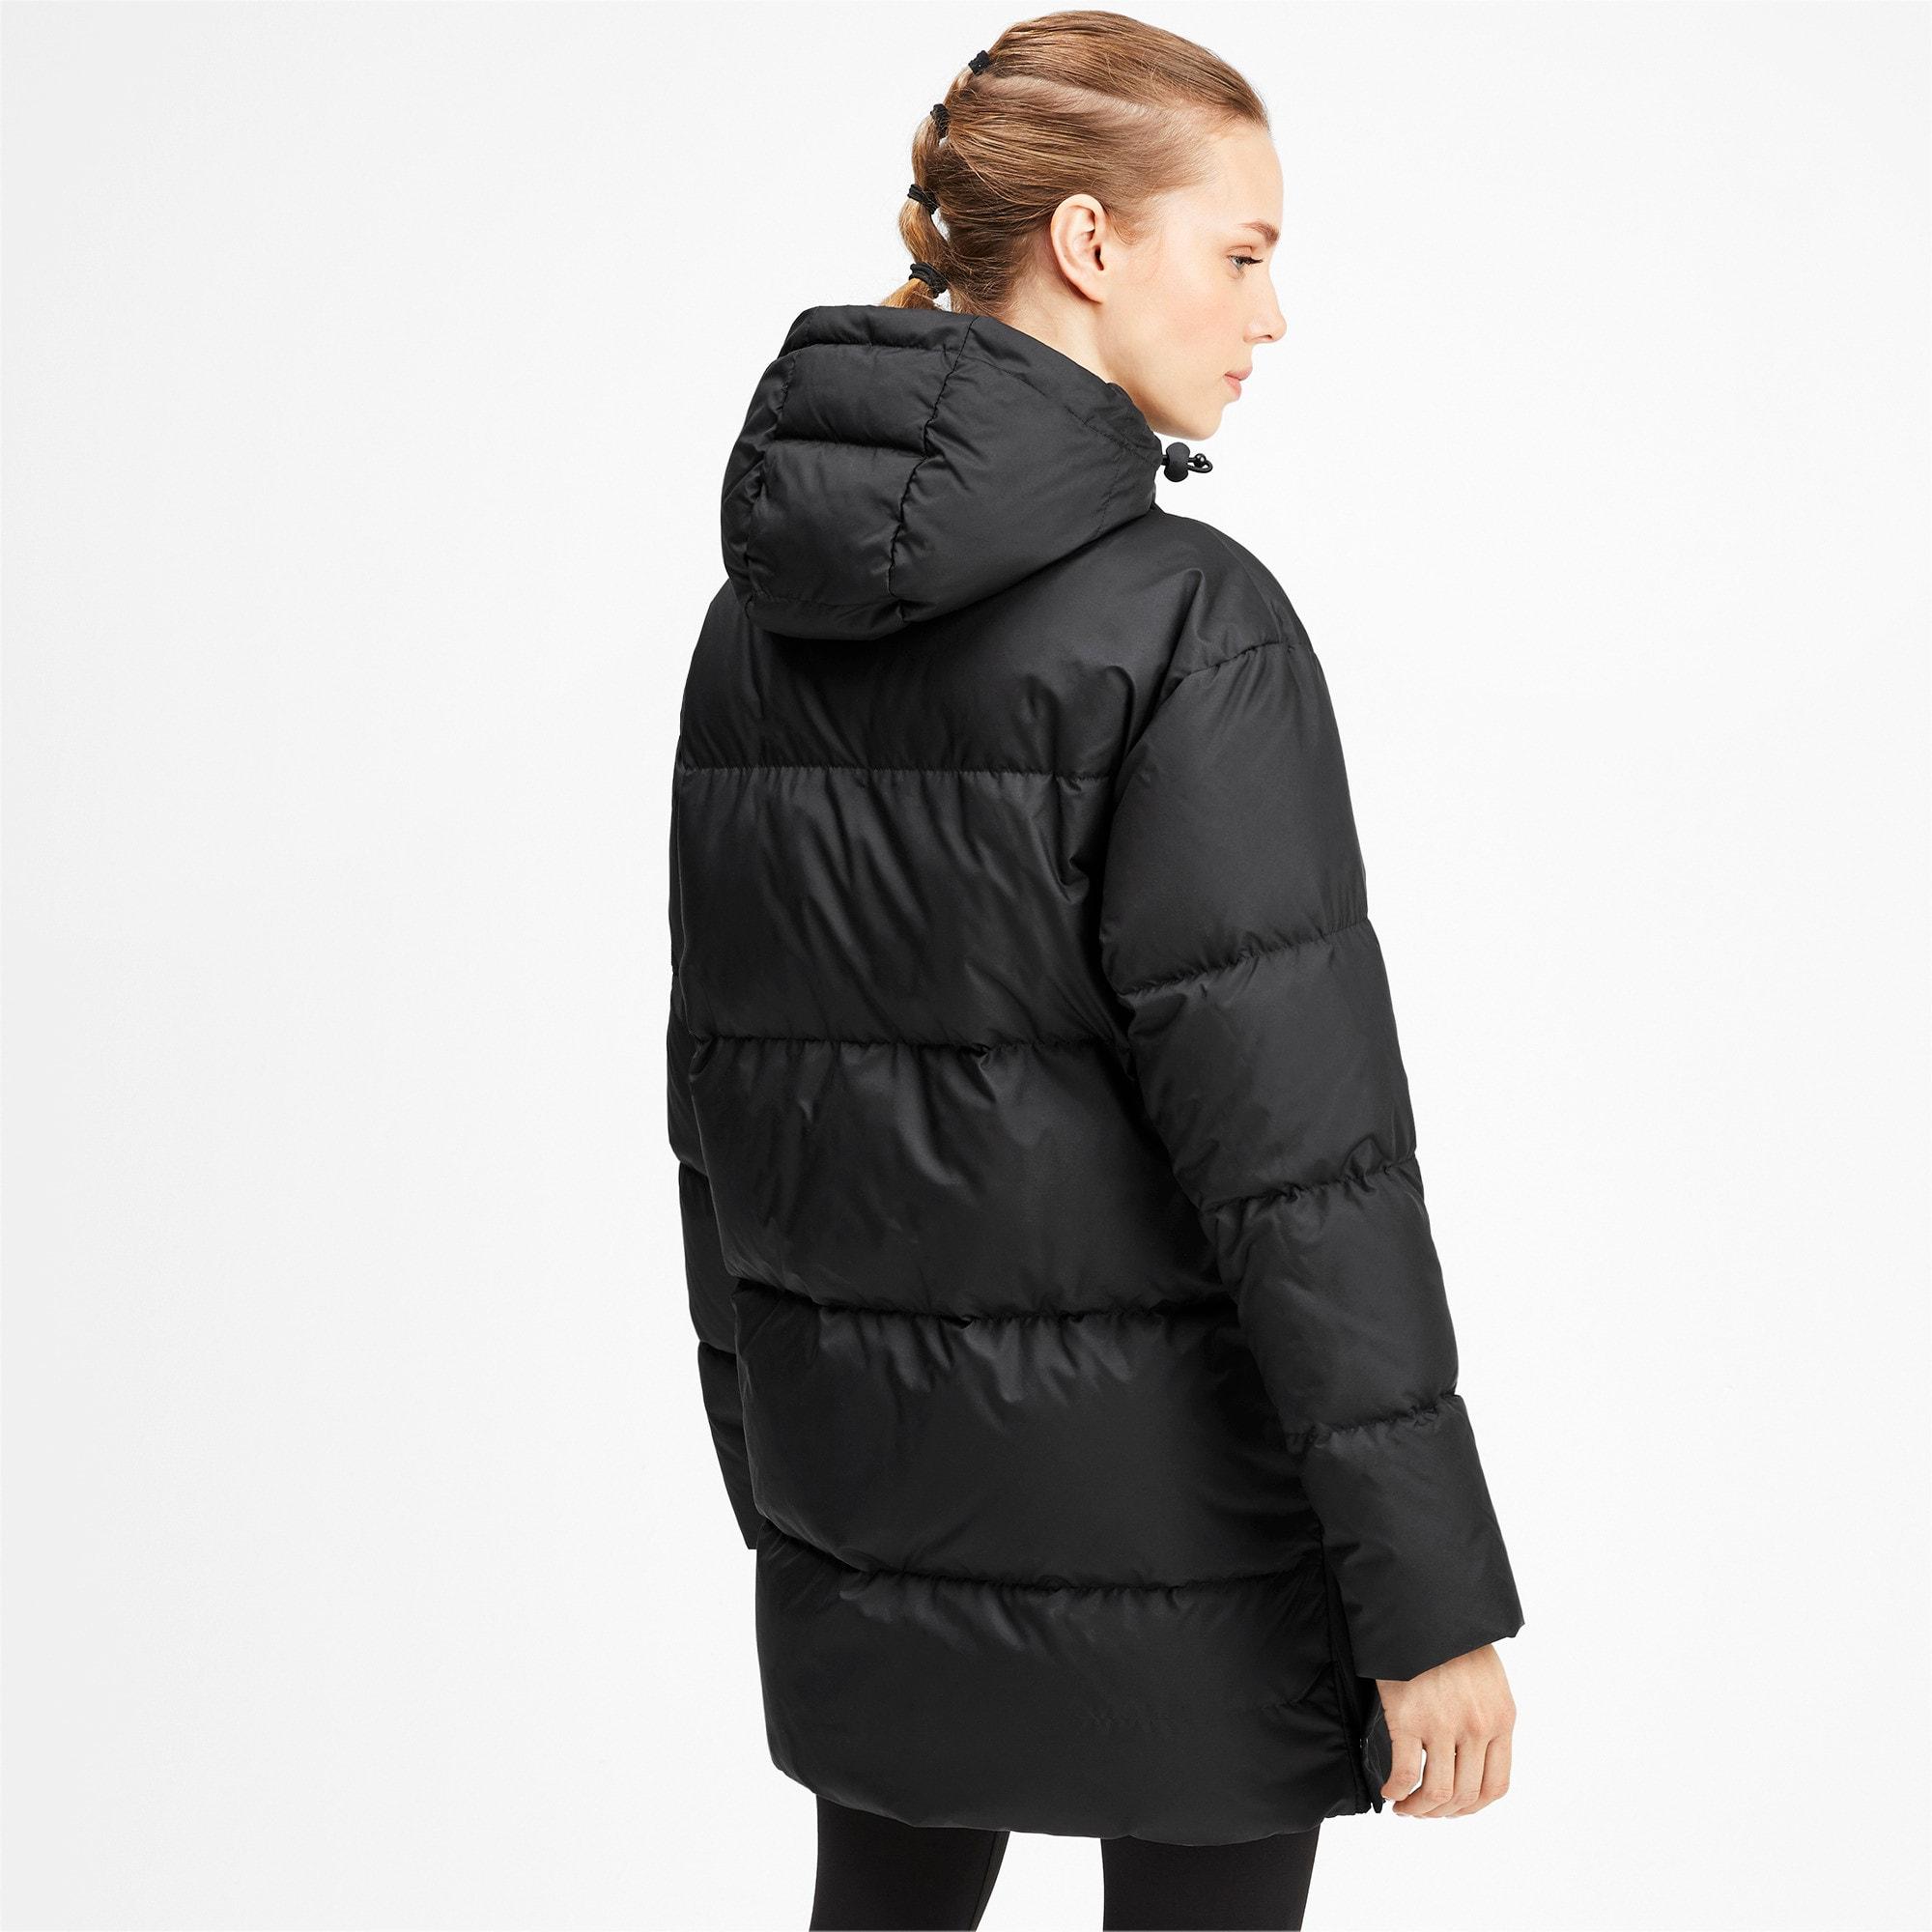 Thumbnail 2 of 450 Long Hooded Down Women's Coat, Puma Black, medium